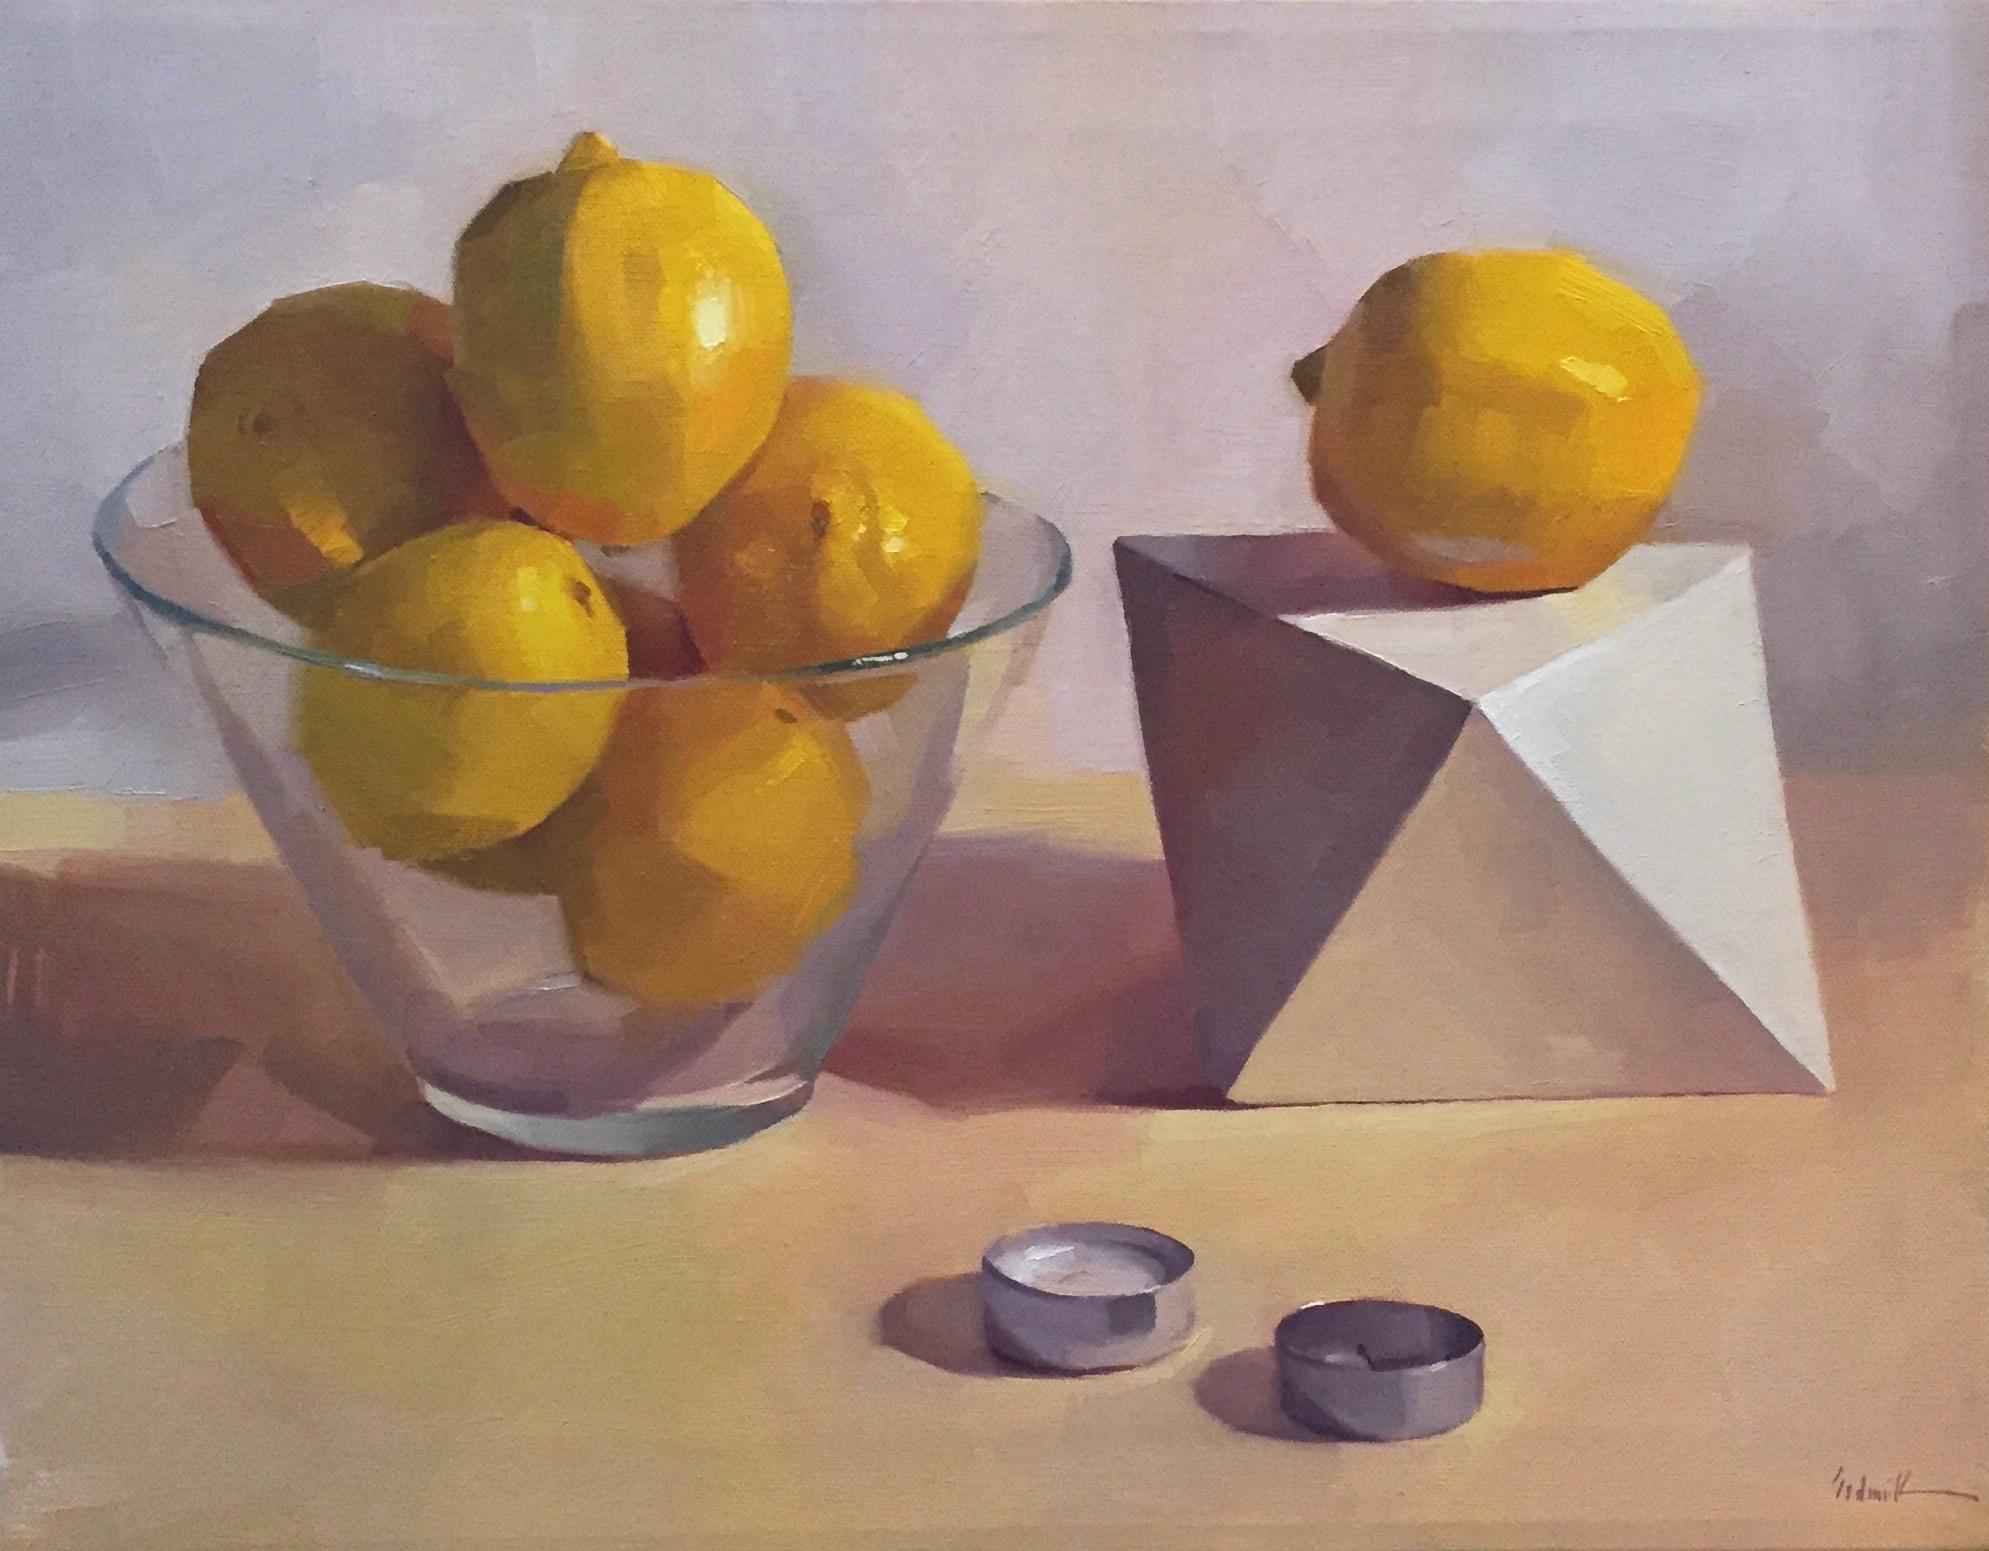 Burnt Out (Lemons)